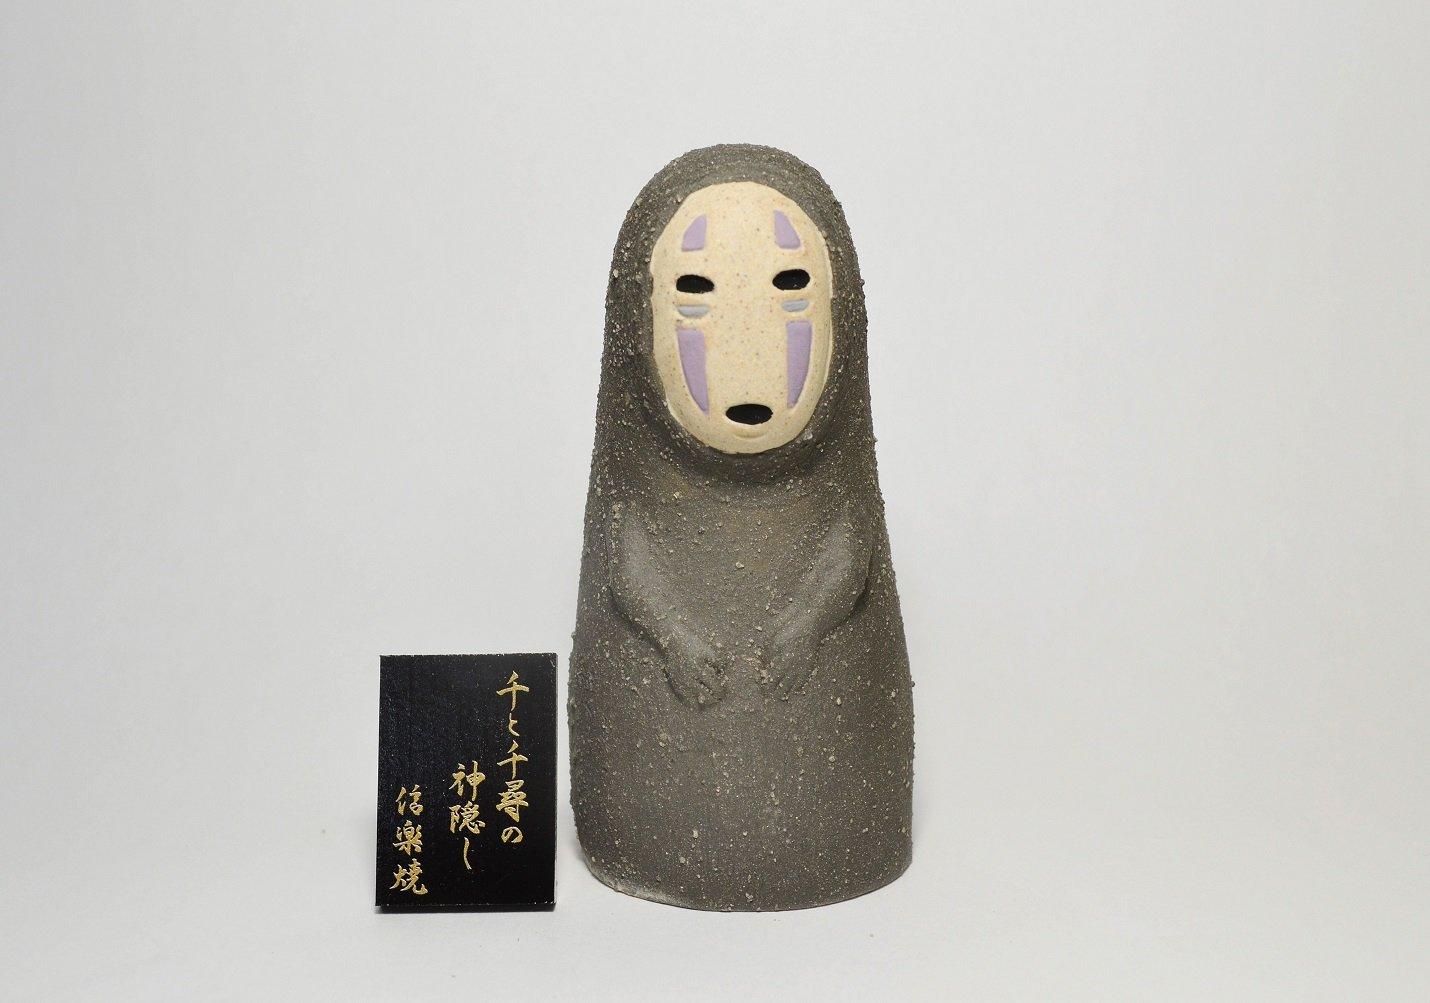 Studio Ghiblis Spirited Away X Shigaraki Ware Kaonashi Statue